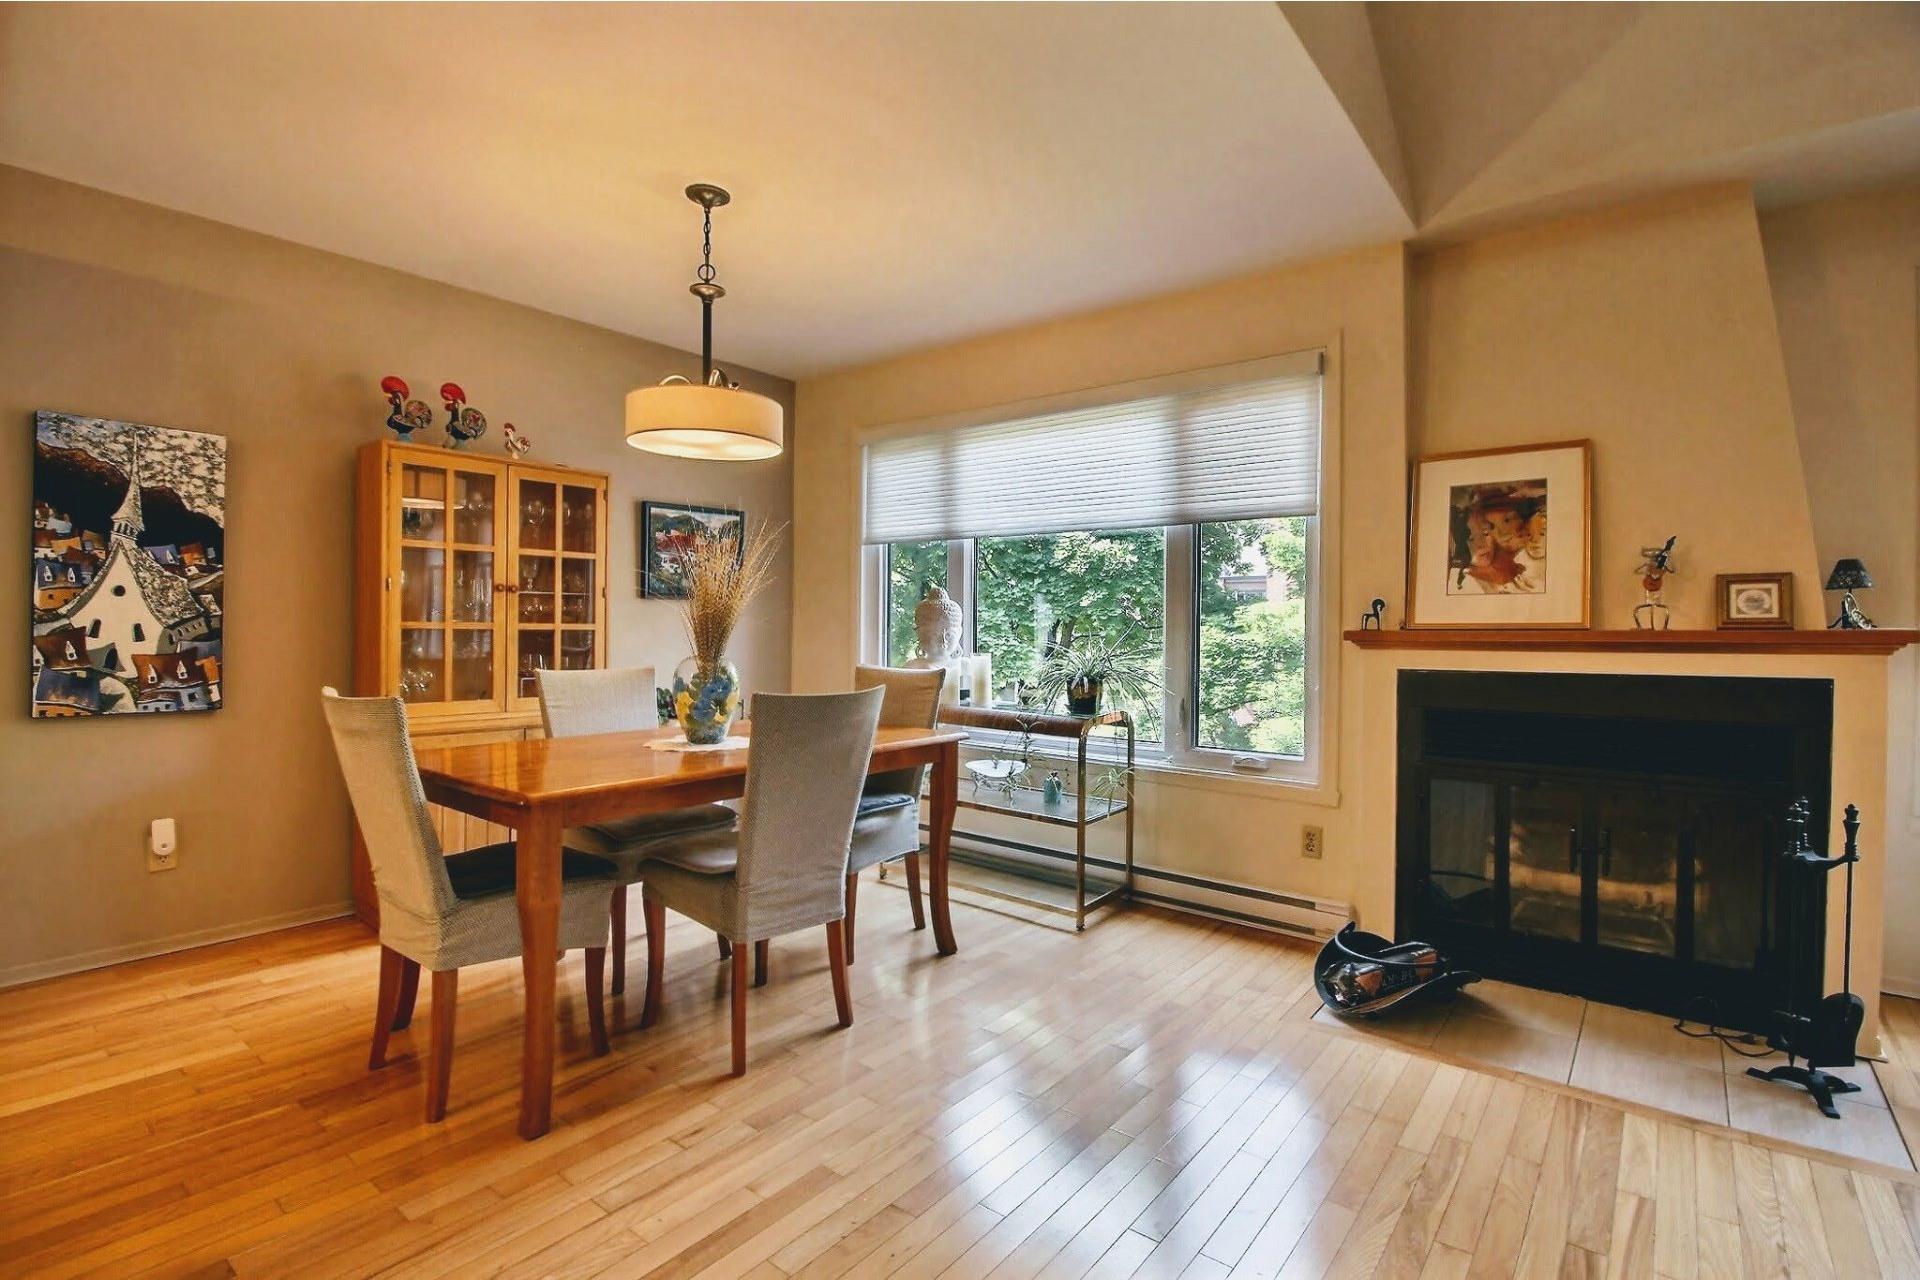 image 5 - Apartment For sale Mercier/Hochelaga-Maisonneuve Montréal  - 7 rooms